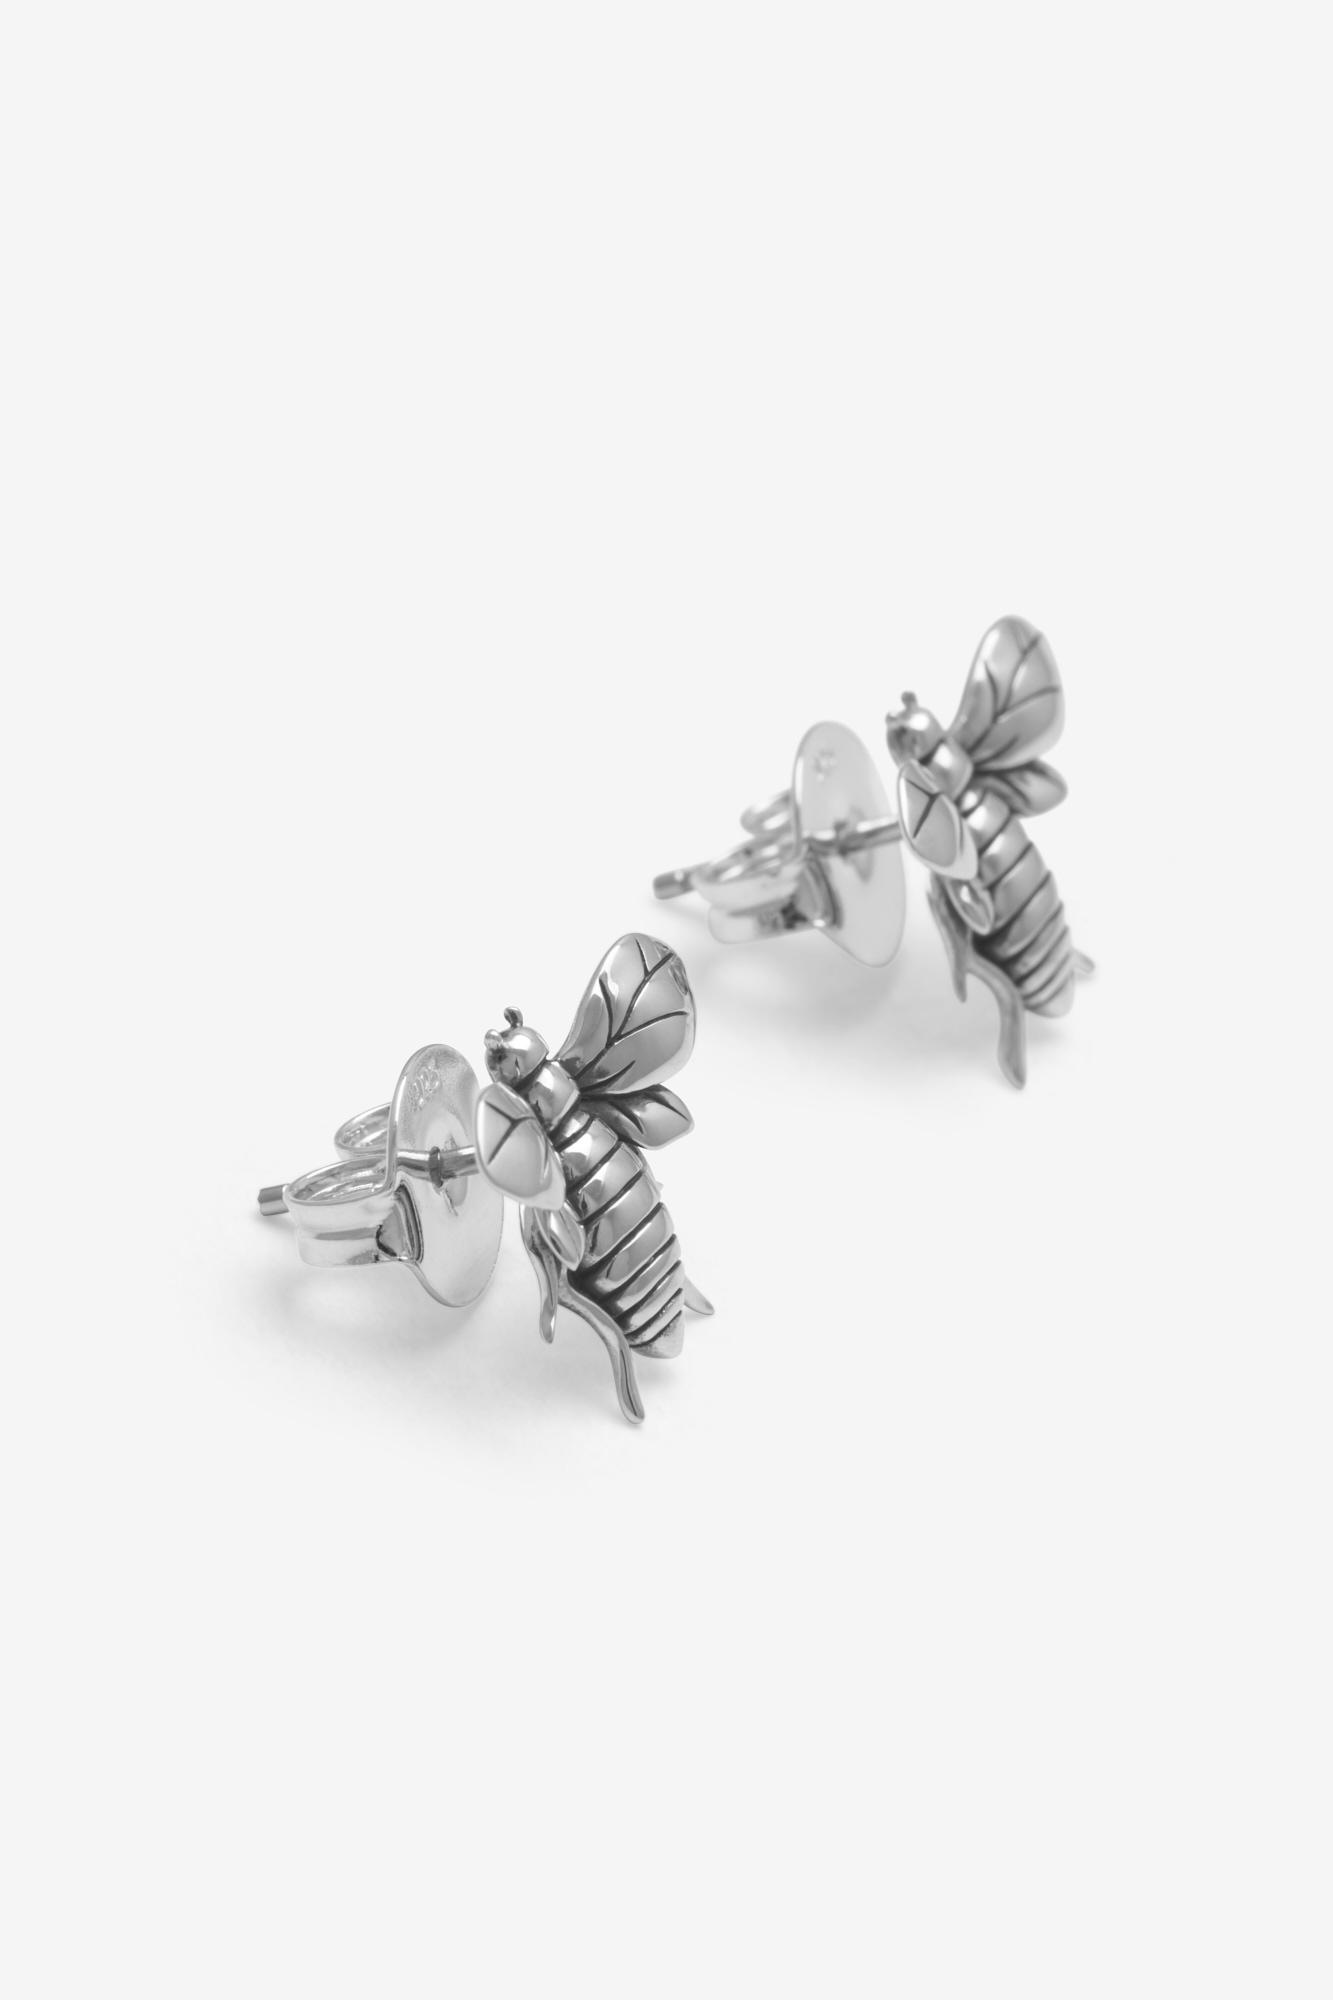 19-03-5-1-001-114-11_Bee Earring_Silver_04